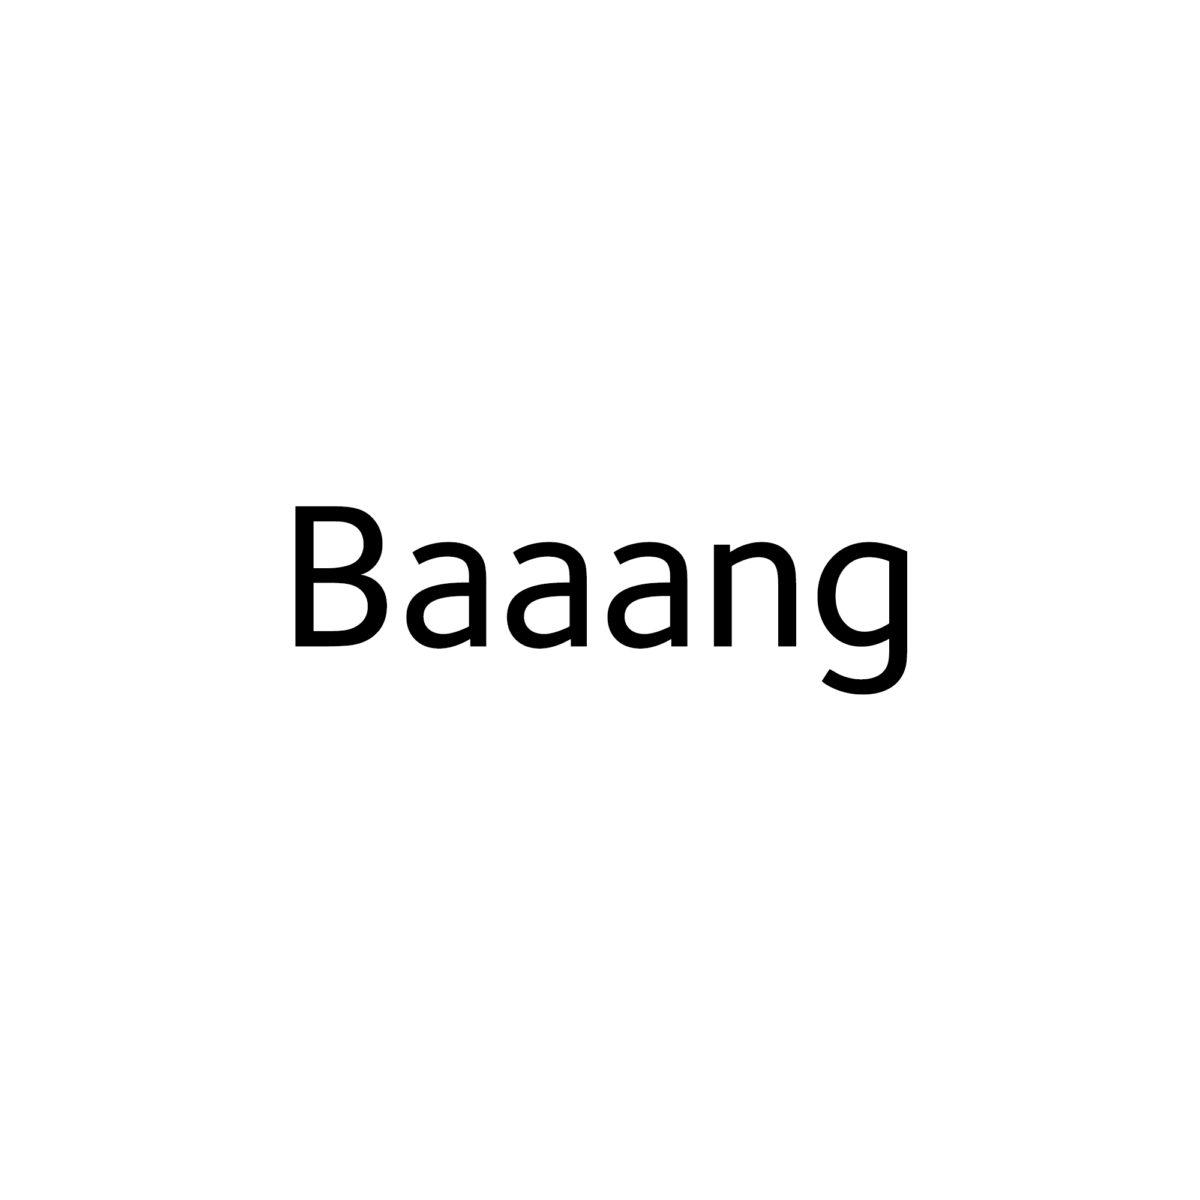 Baaang